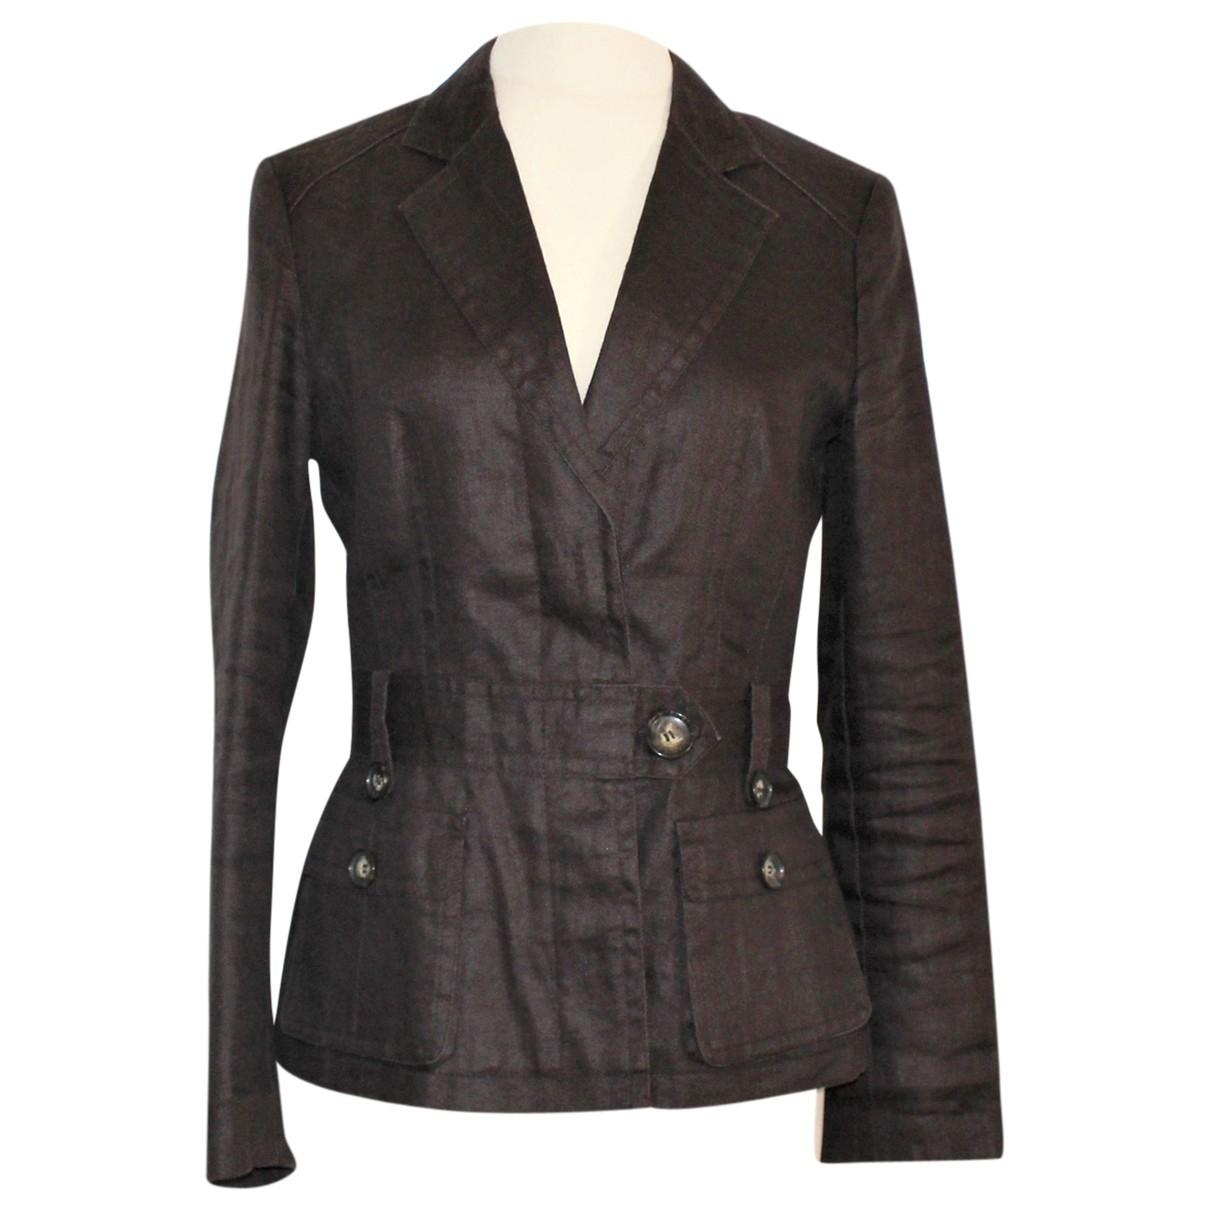 Zara - Veste   pour femme en lin - marron